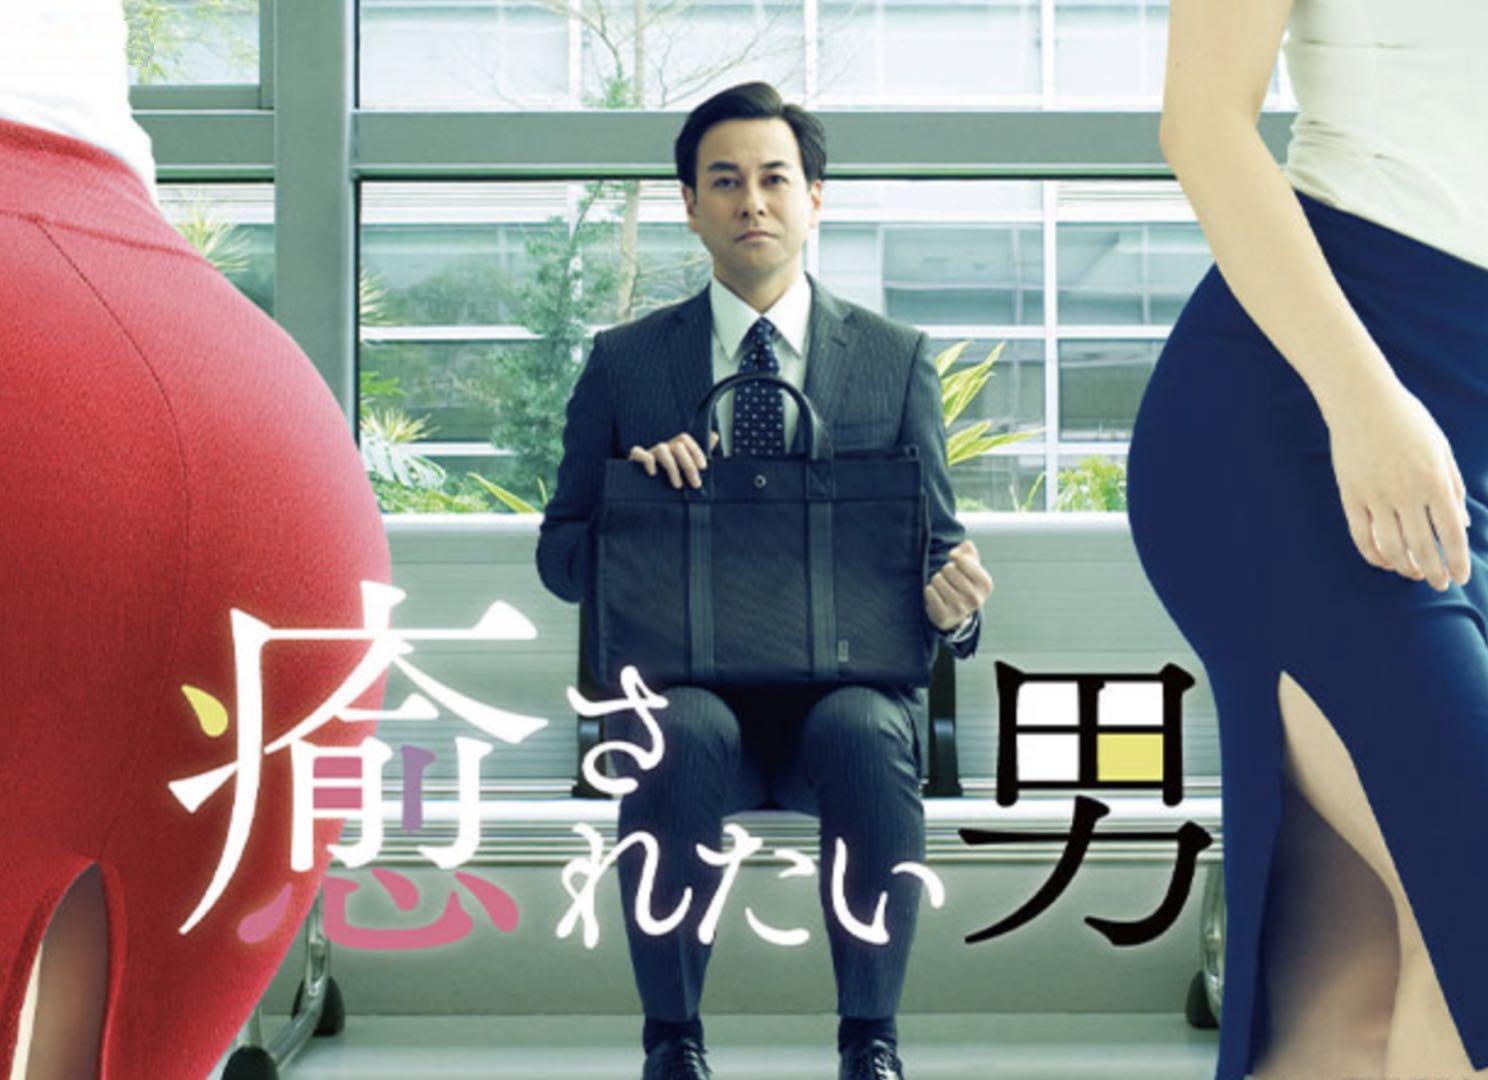 癒されたい男|動画1話〜最終回のドラマ全話を無料でフル視聴する方法!パラビドラマ